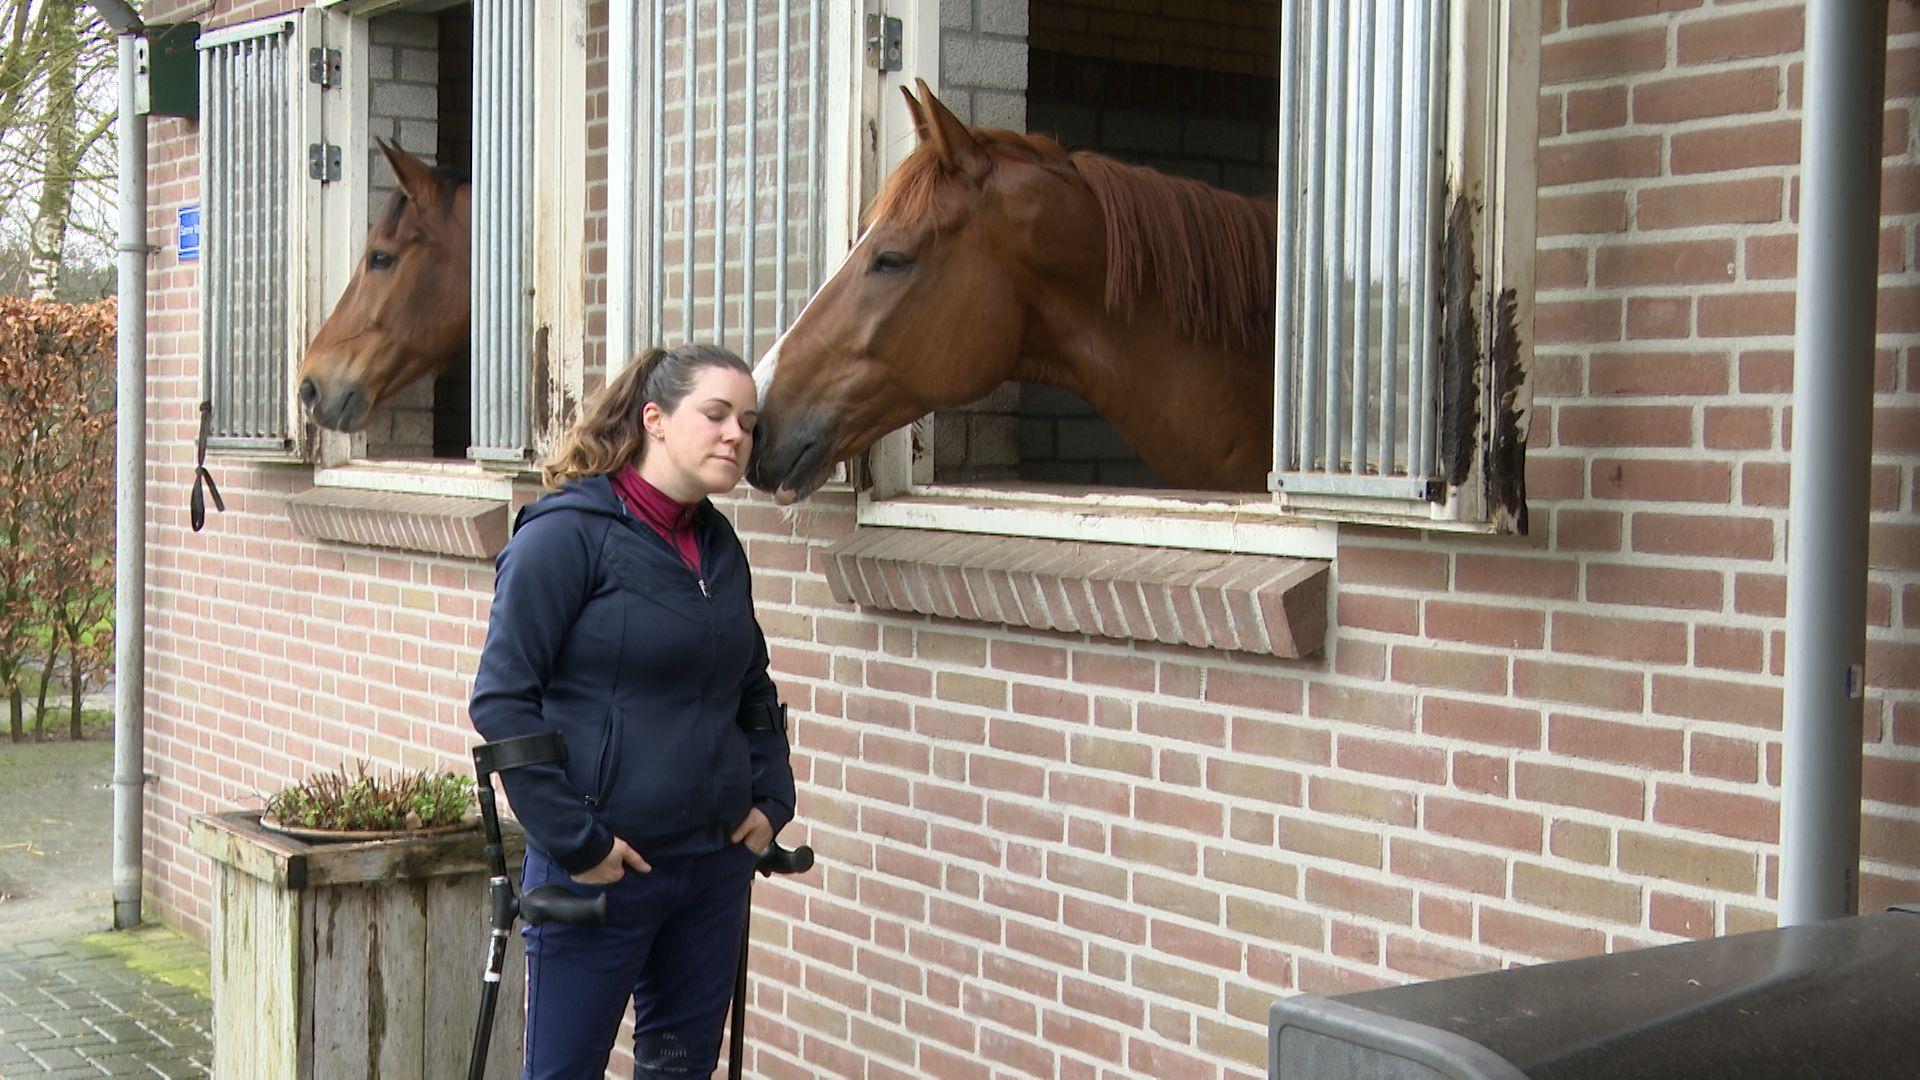 knuffel met paard.jpg